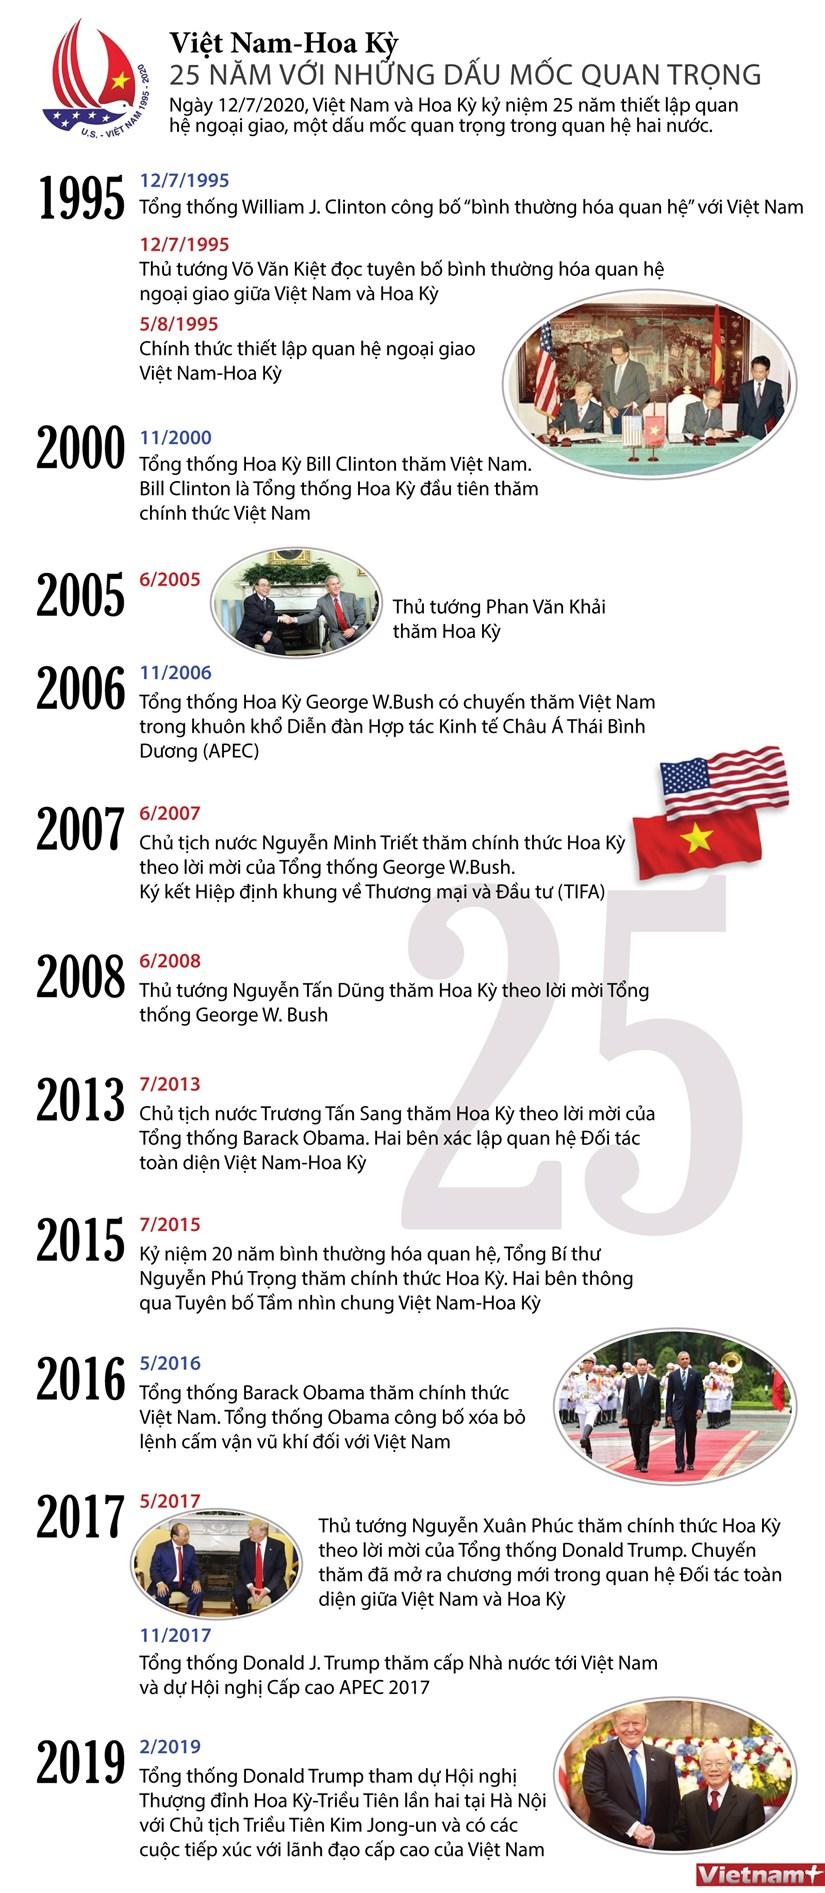 Những bước ngoặt trong 25 năm quan hệ Việt Nam-Hoa Kỳ